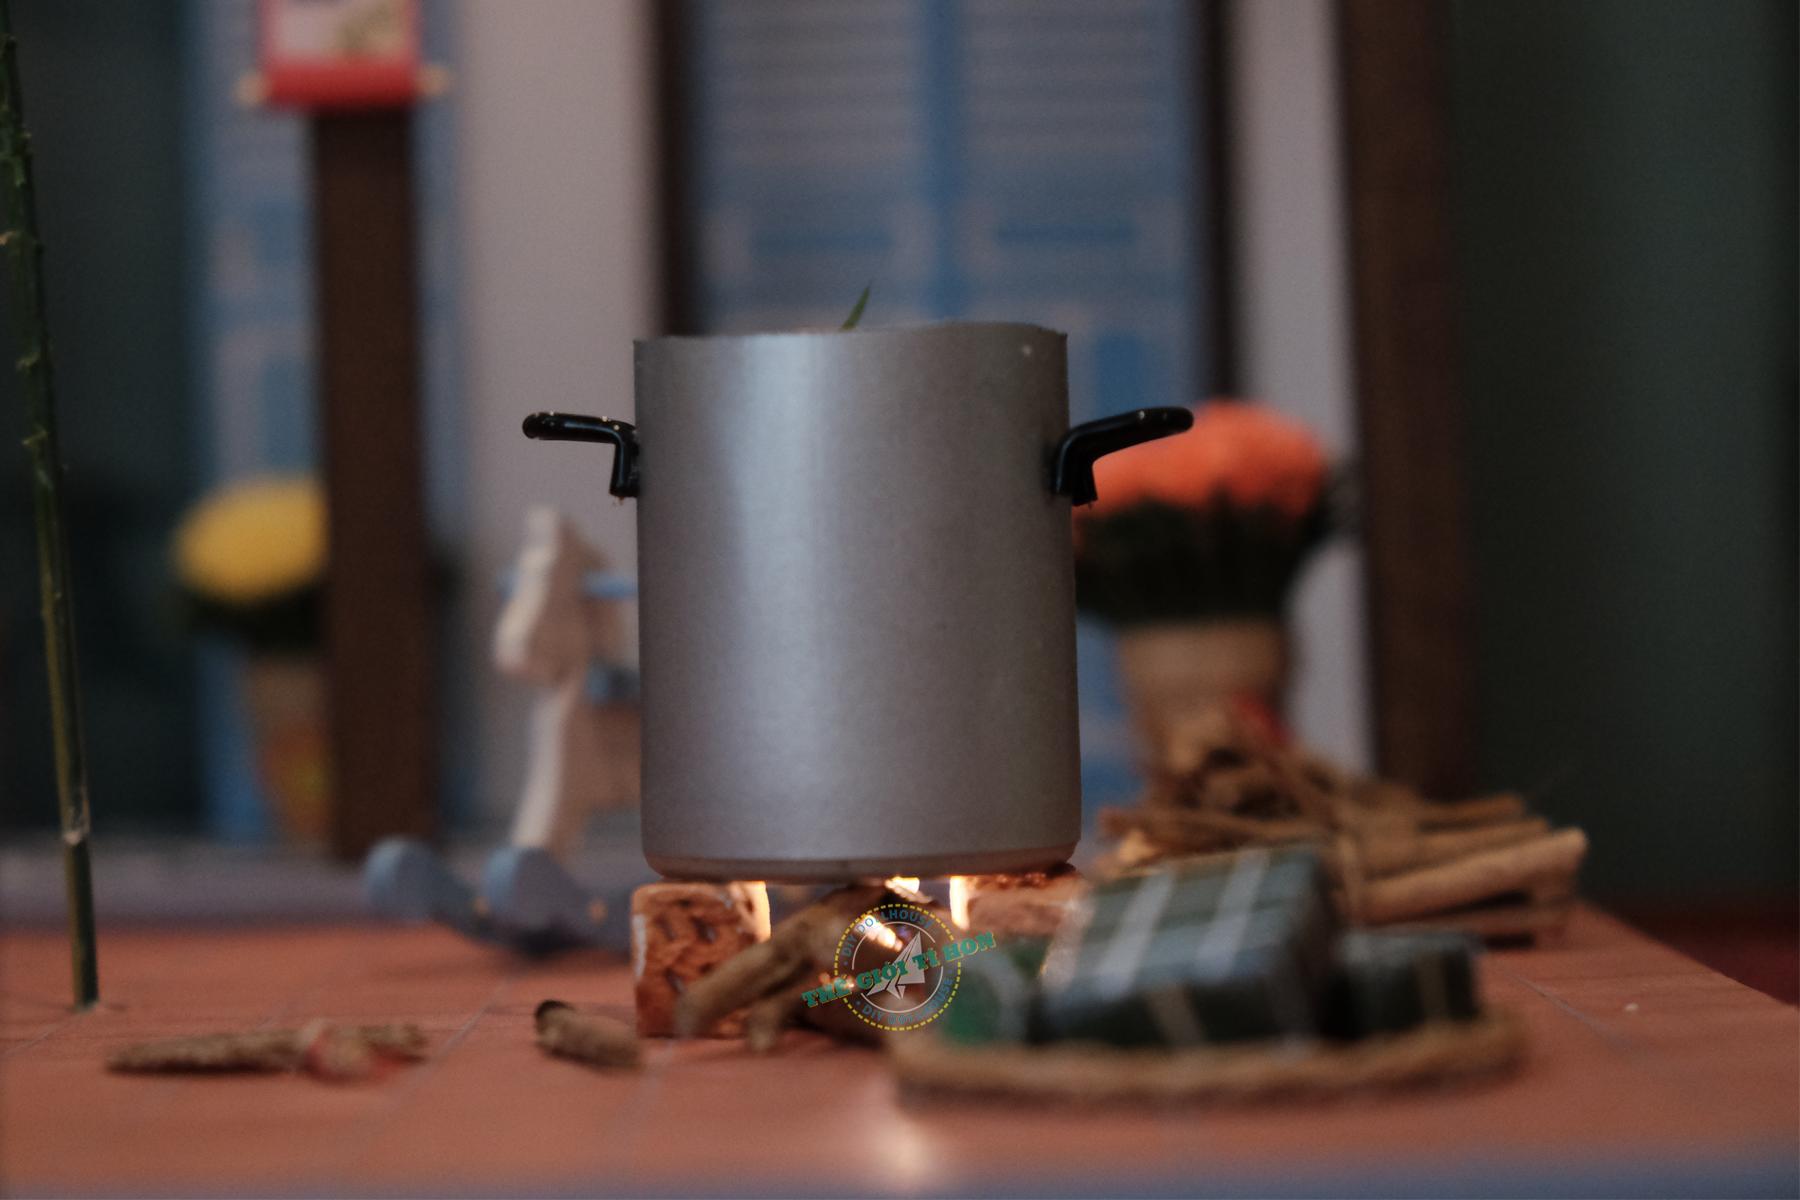 mô hình gỗ diy thu nhỏ tết cổ truyền sài gòn xưa và nay  - Đêm giao thừa - TX05(1)